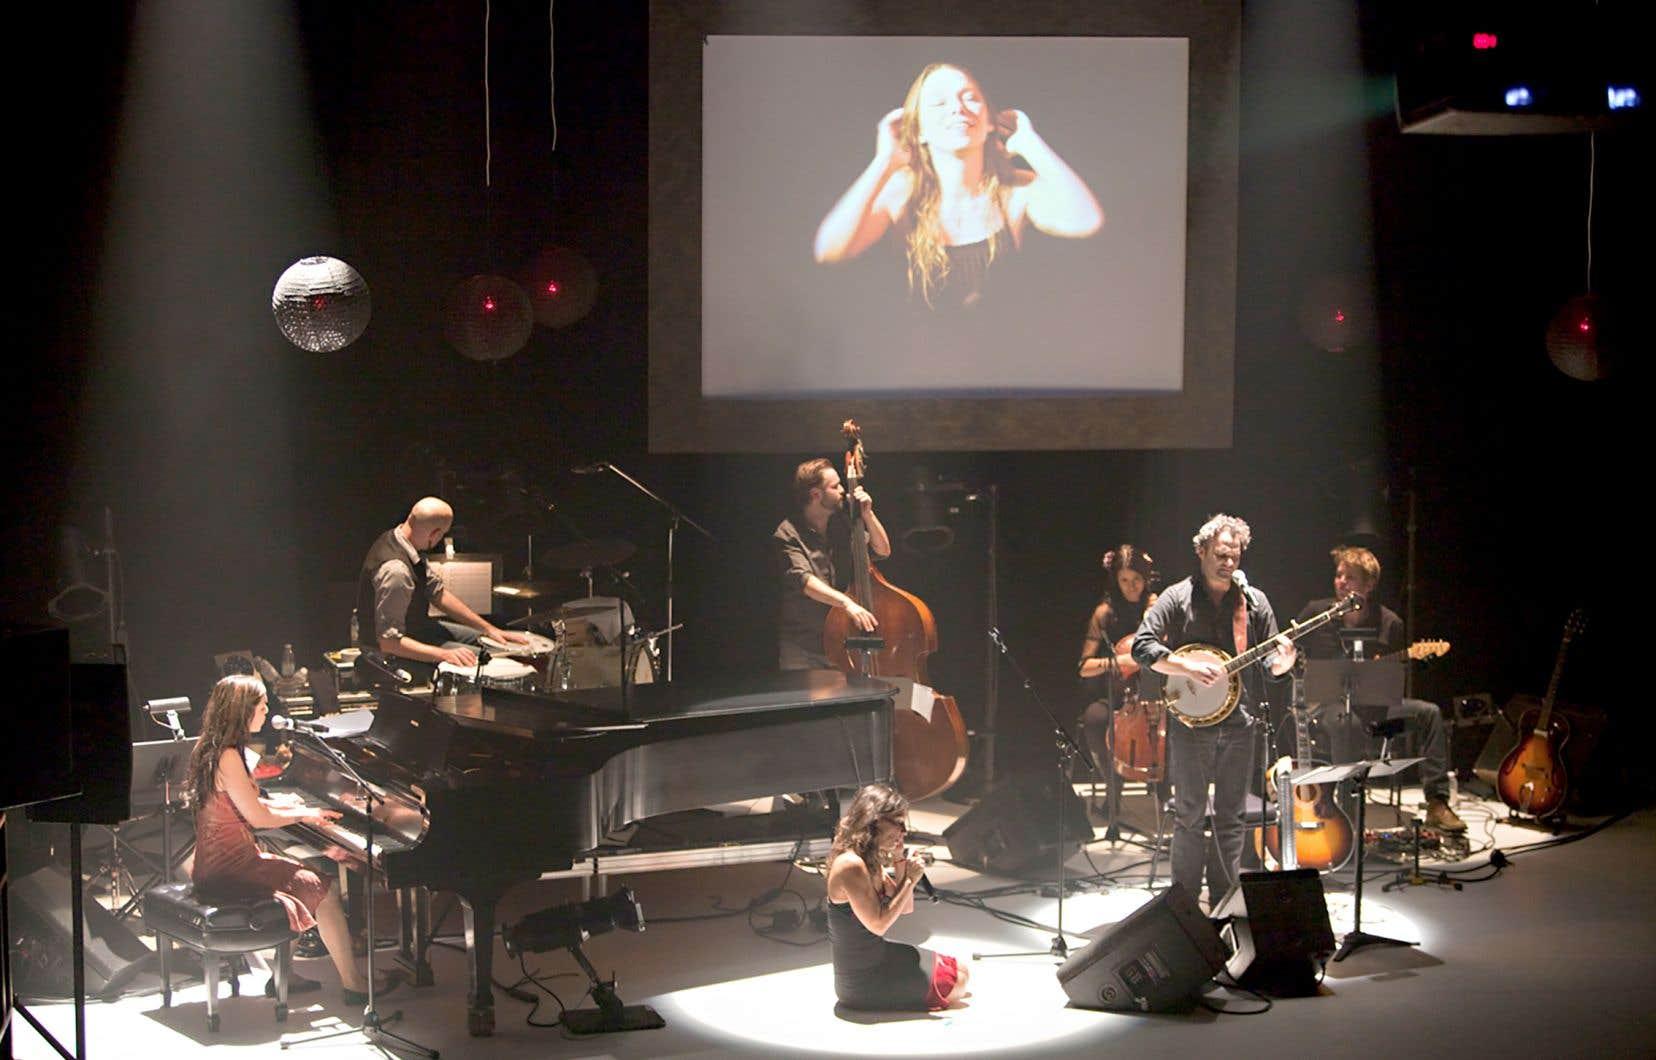 Entre les lignes des chansons de Lhasa de Sela, interprétées par les chanteurs Bia, Karen Young, Alexandre Désilets et Geneviève Toupin, 7 danseurs s'animent sur scène. La réédition du spectacle compte six nouvelles chorégraphies et intègre des nouvelles pièces.